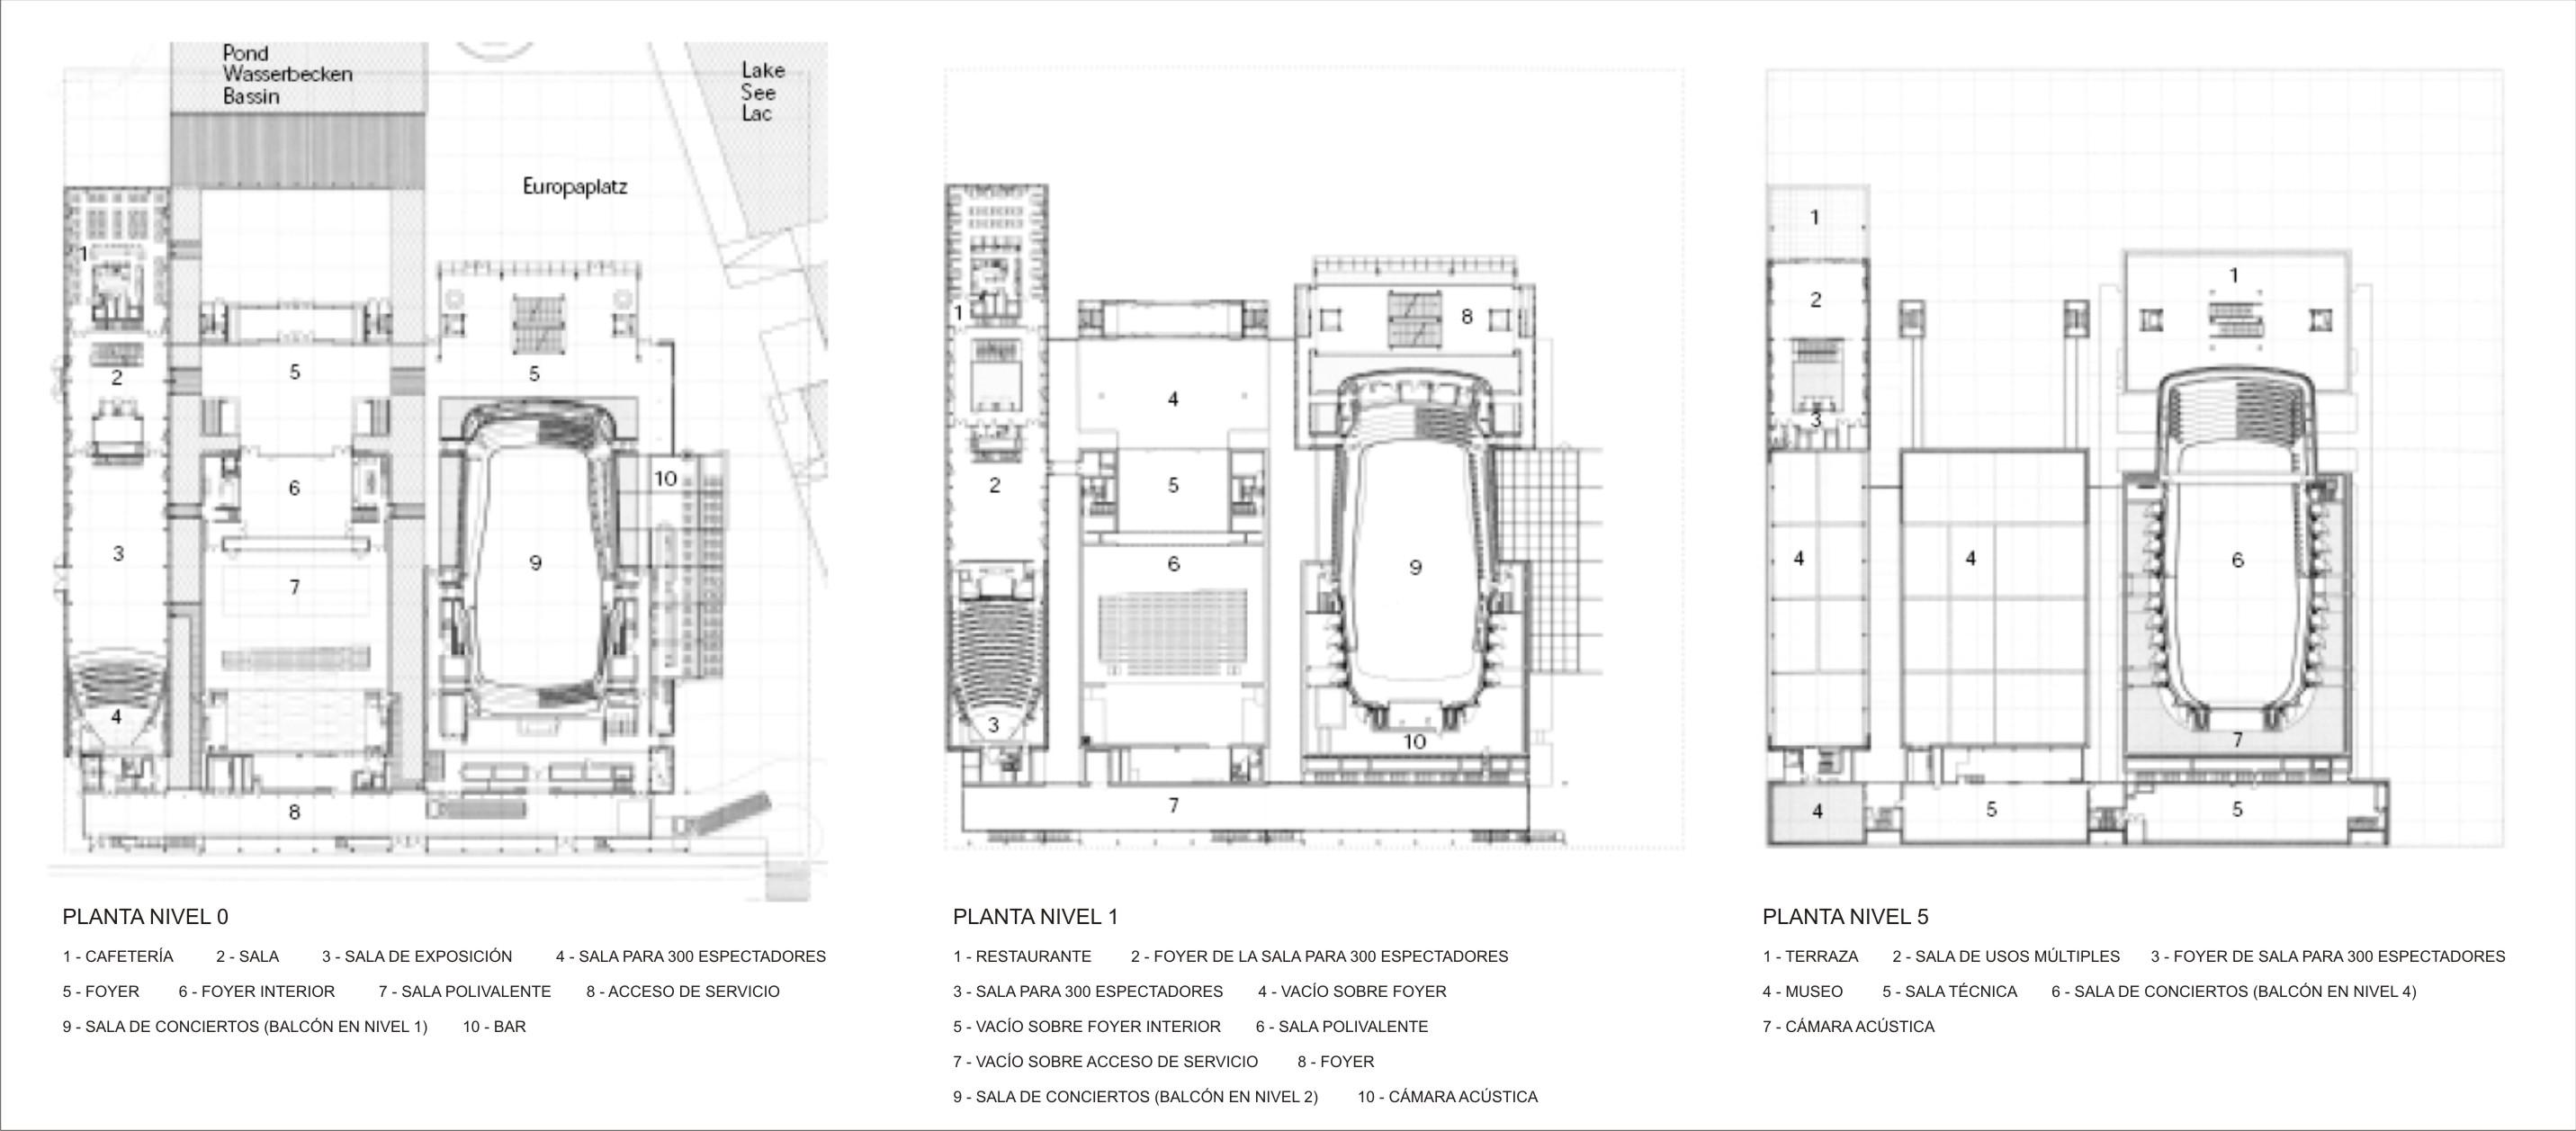 Kkl Luzern Ficha Fotos Y Planos Wikiarquitectura